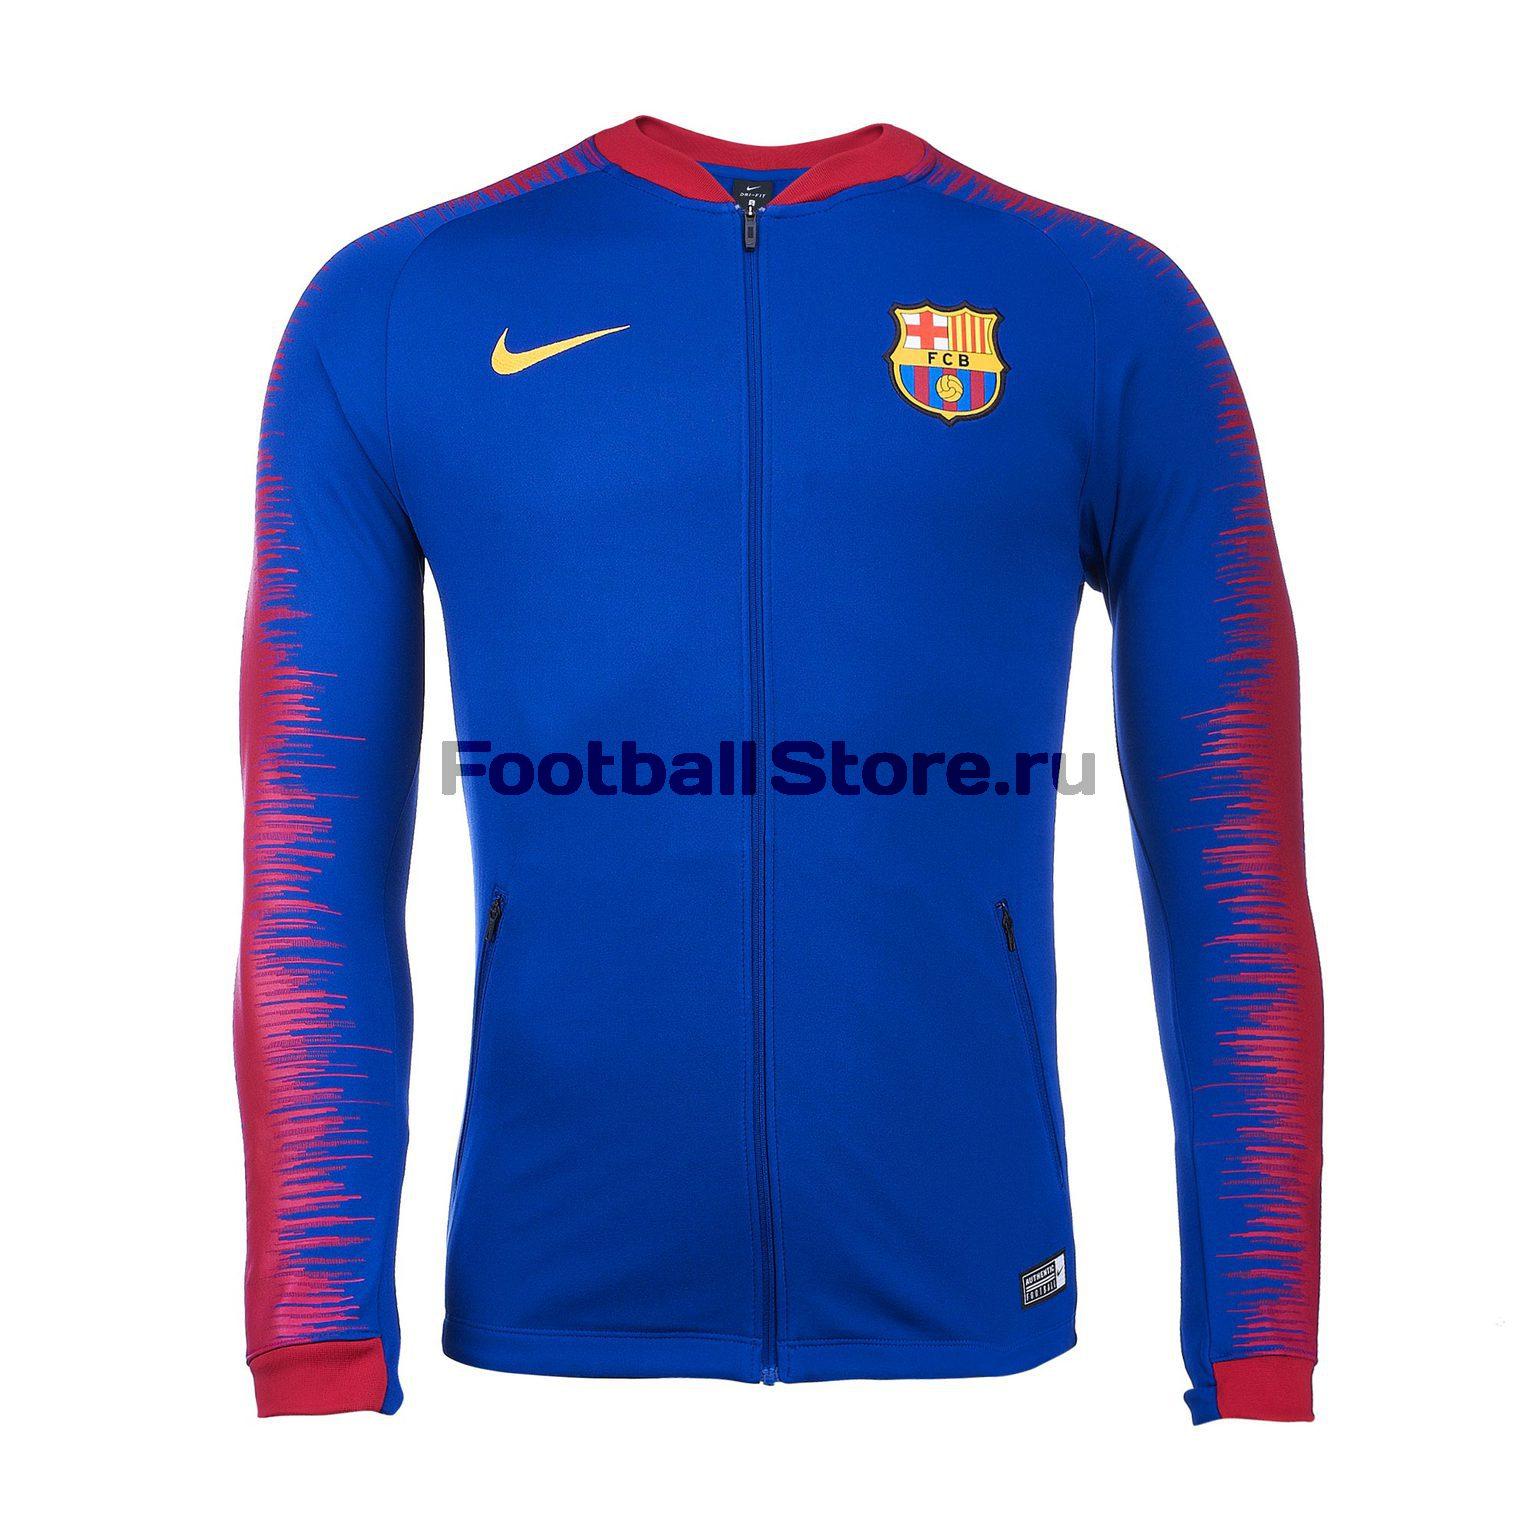 Олимпийка Nike FC Barcelona JKT 894361-456